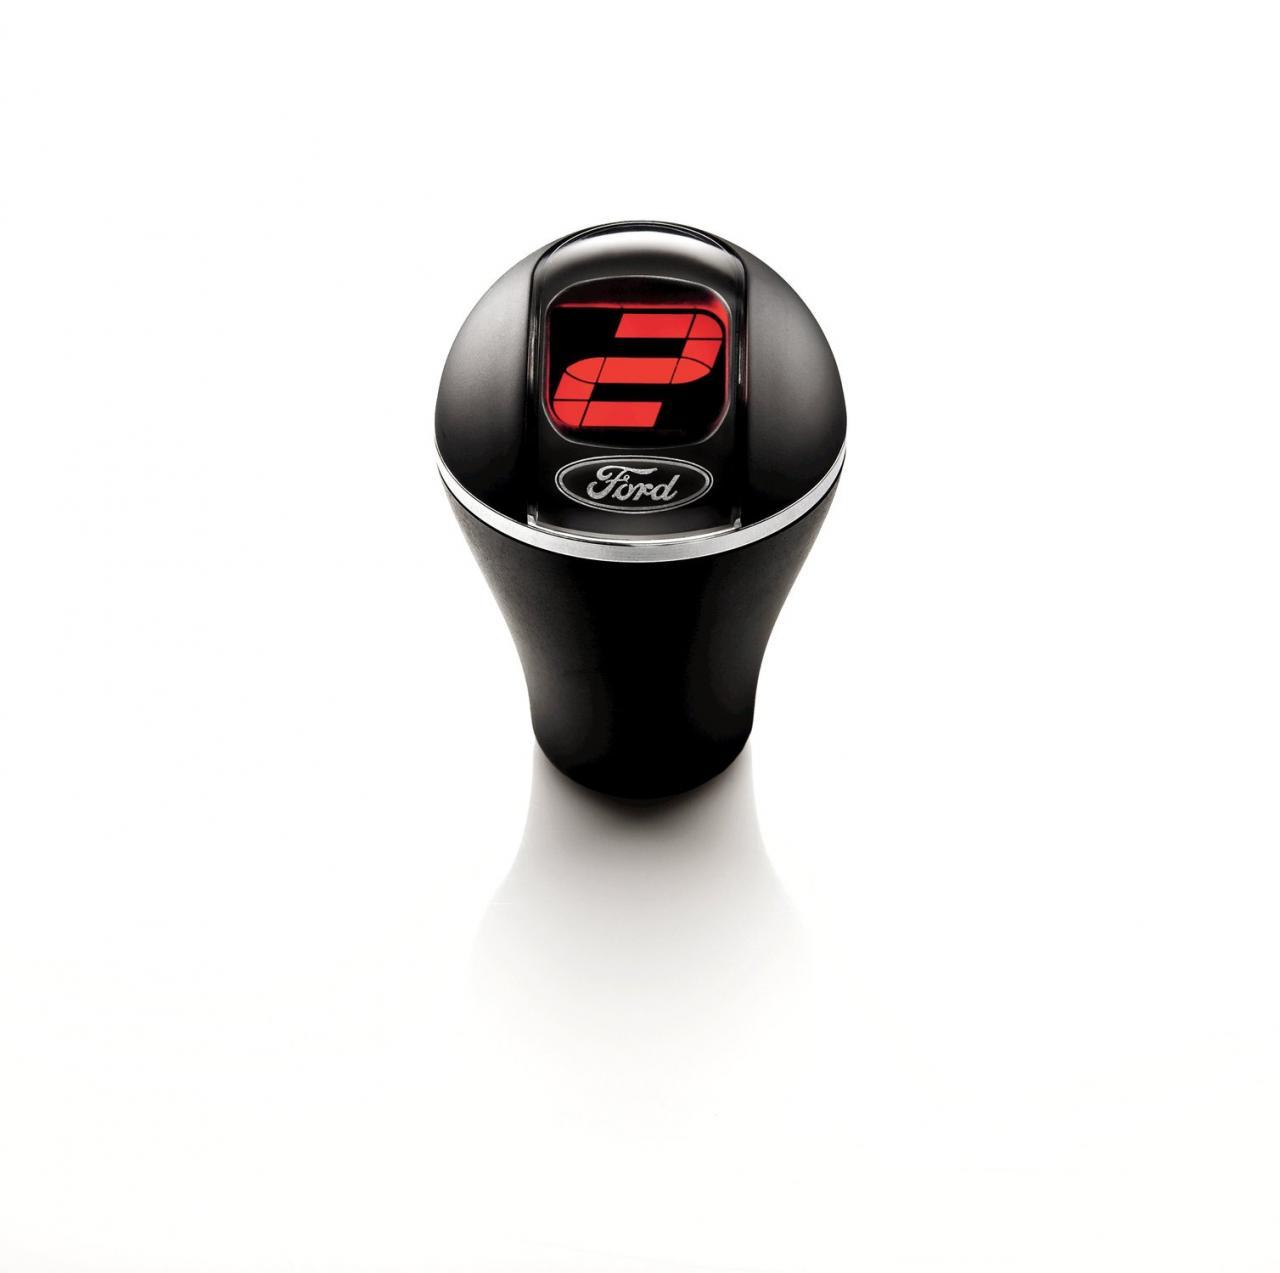 Ford Fiesta 2011 - Nuovo kit estetico e accessori